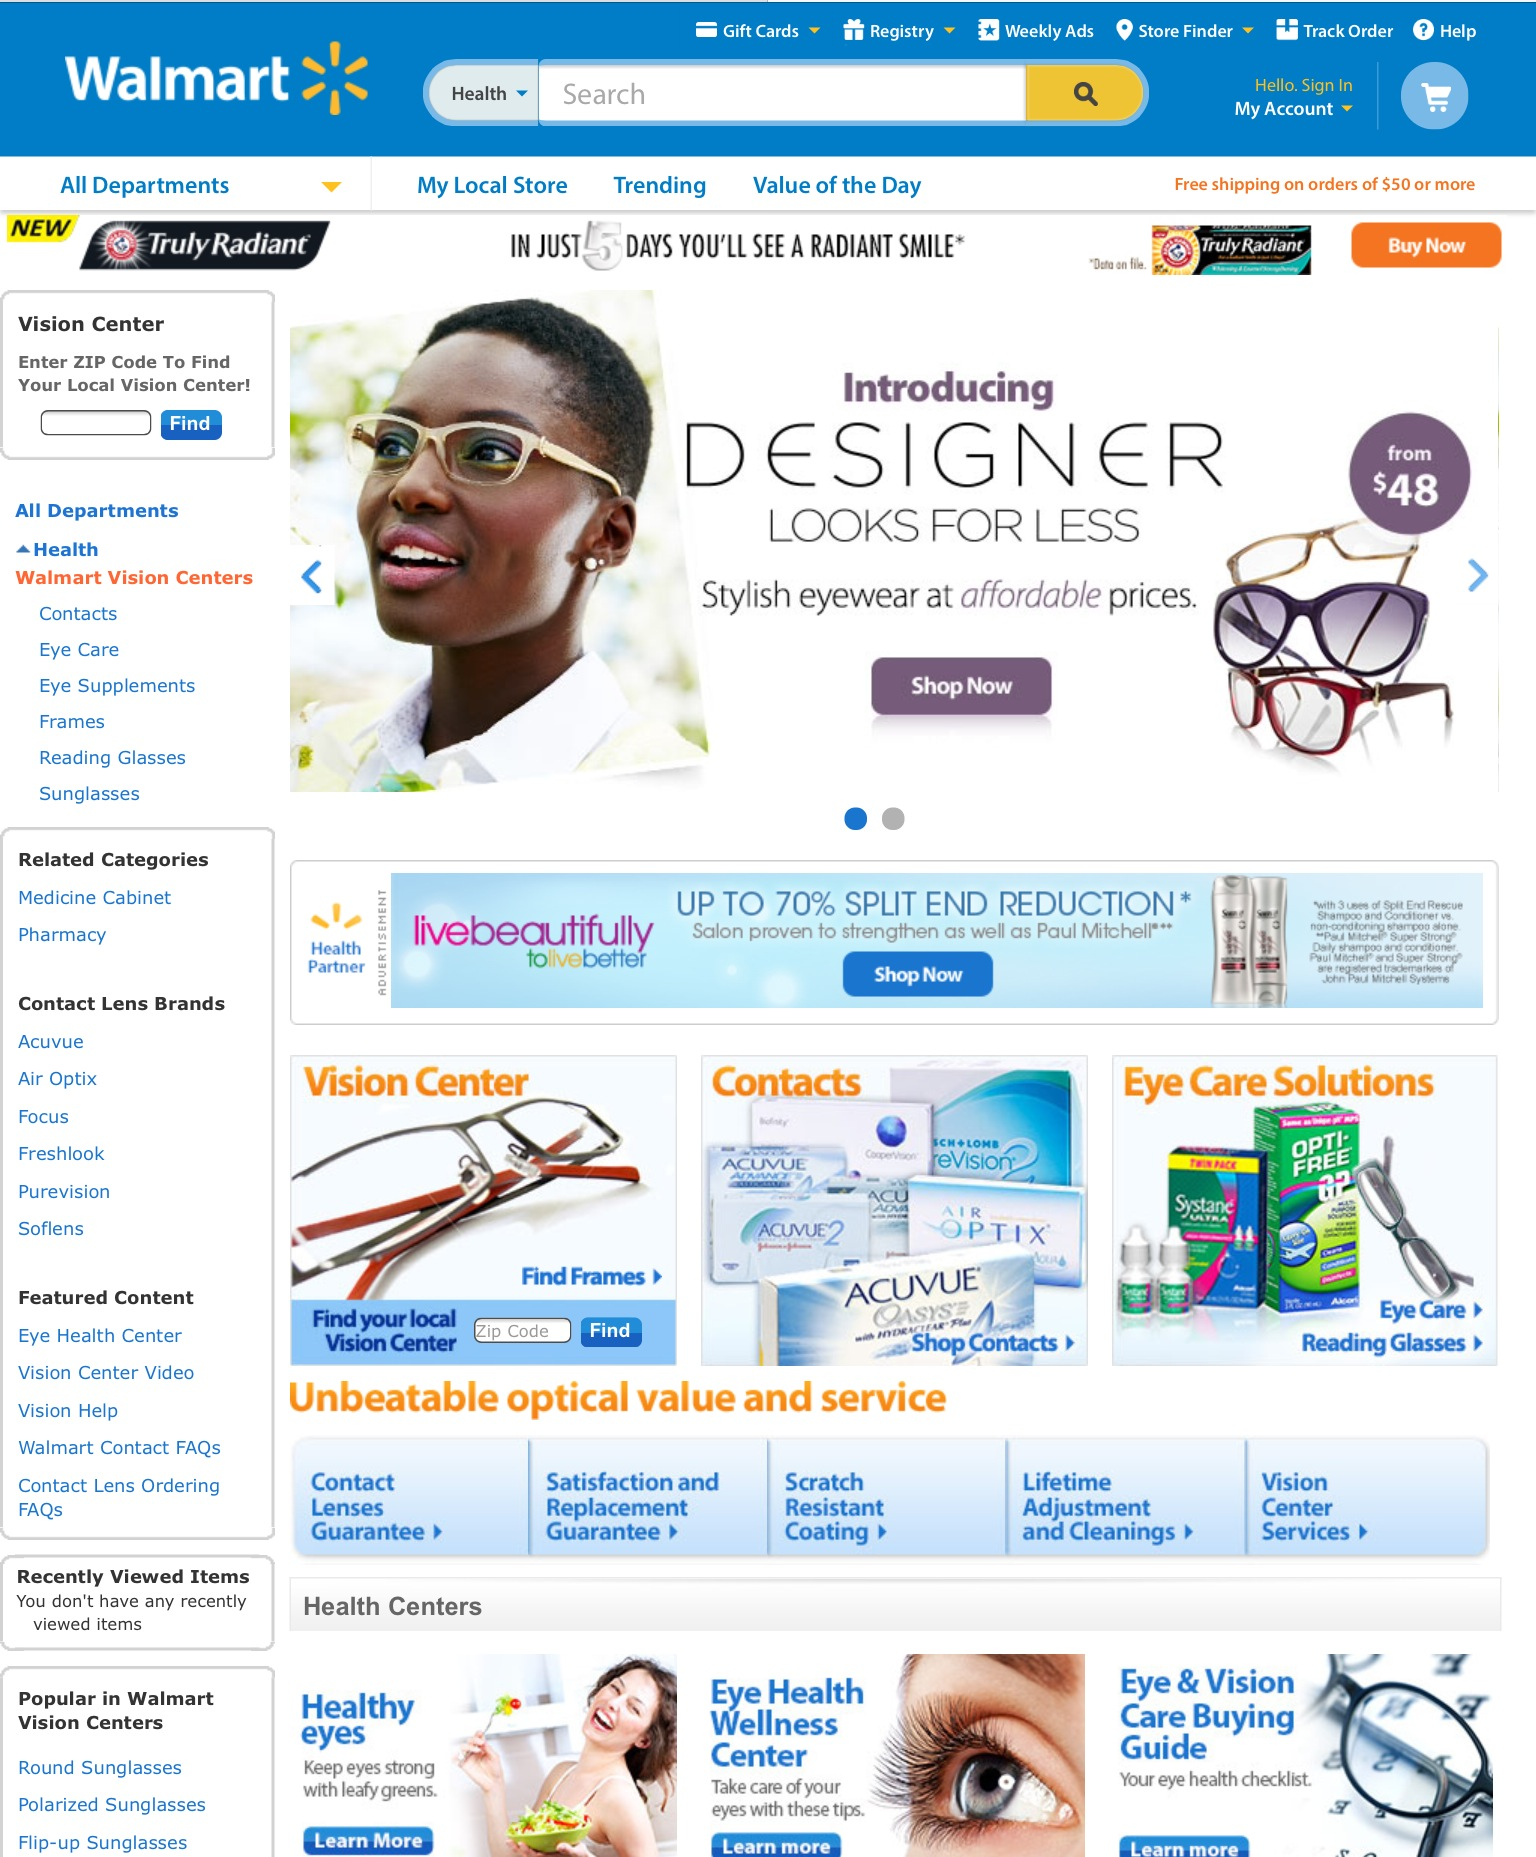 Designer Looks for Less